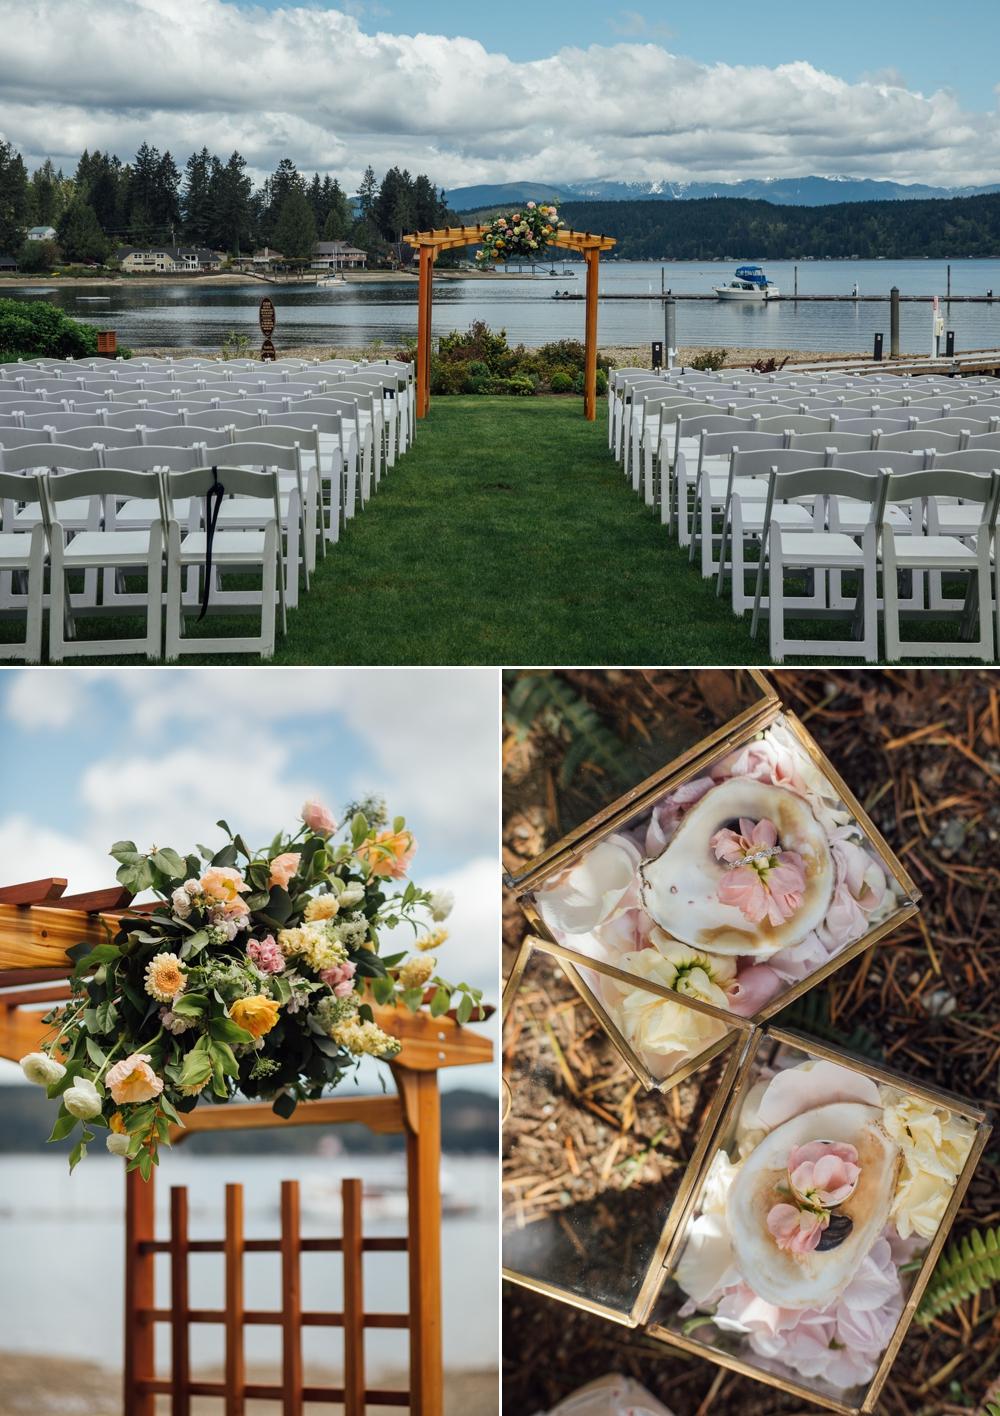 wedding-ceremony-setup-at-alderbrook